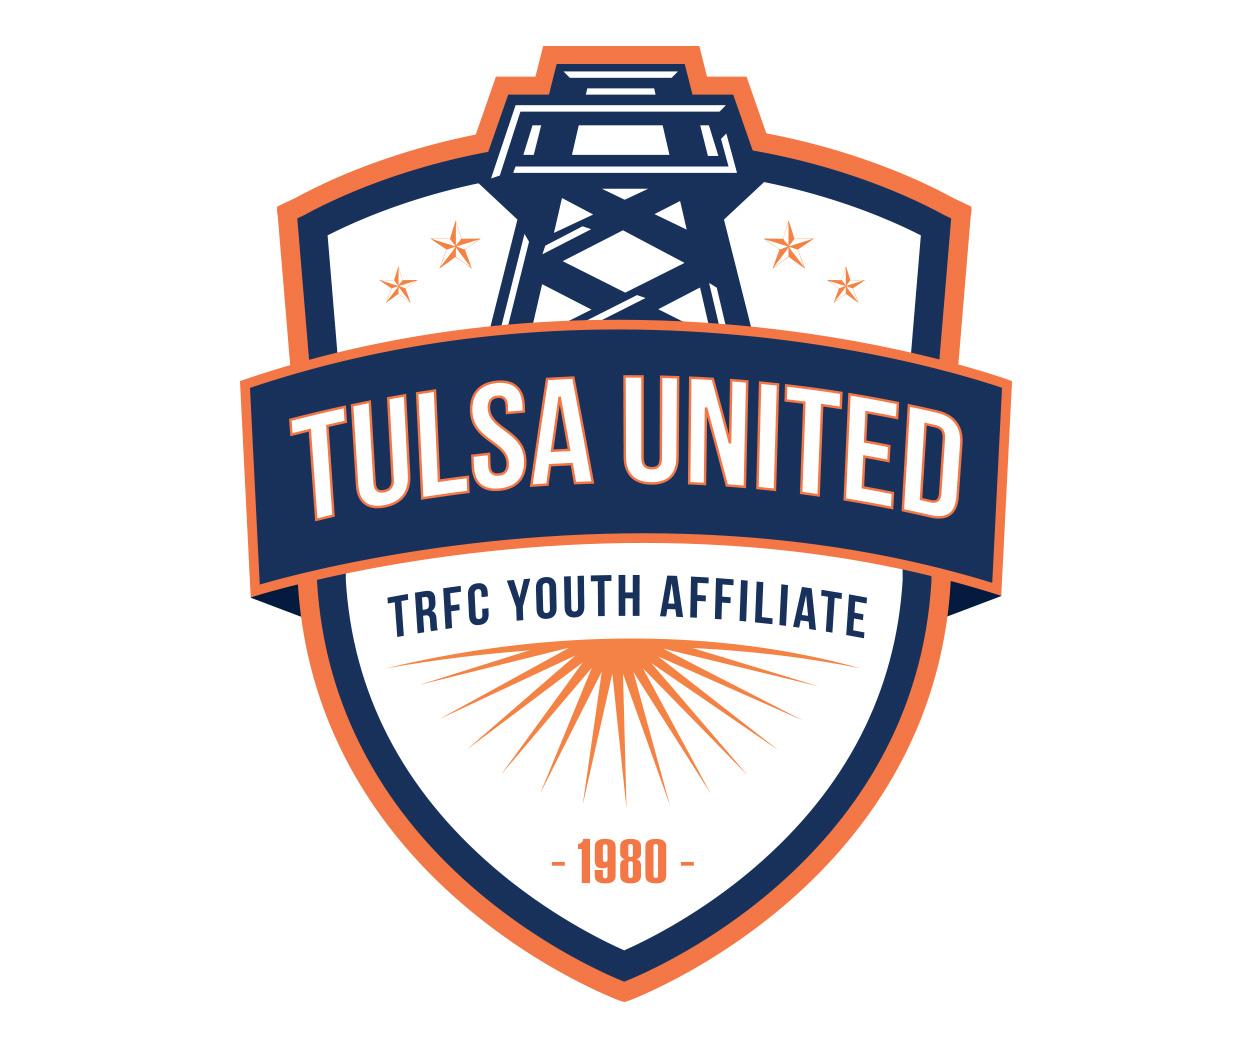 testimonial-for-the-custom-sports-logo-design-for-tulsa-roughnecks-affiliate-by-jordan-fretz.jpg